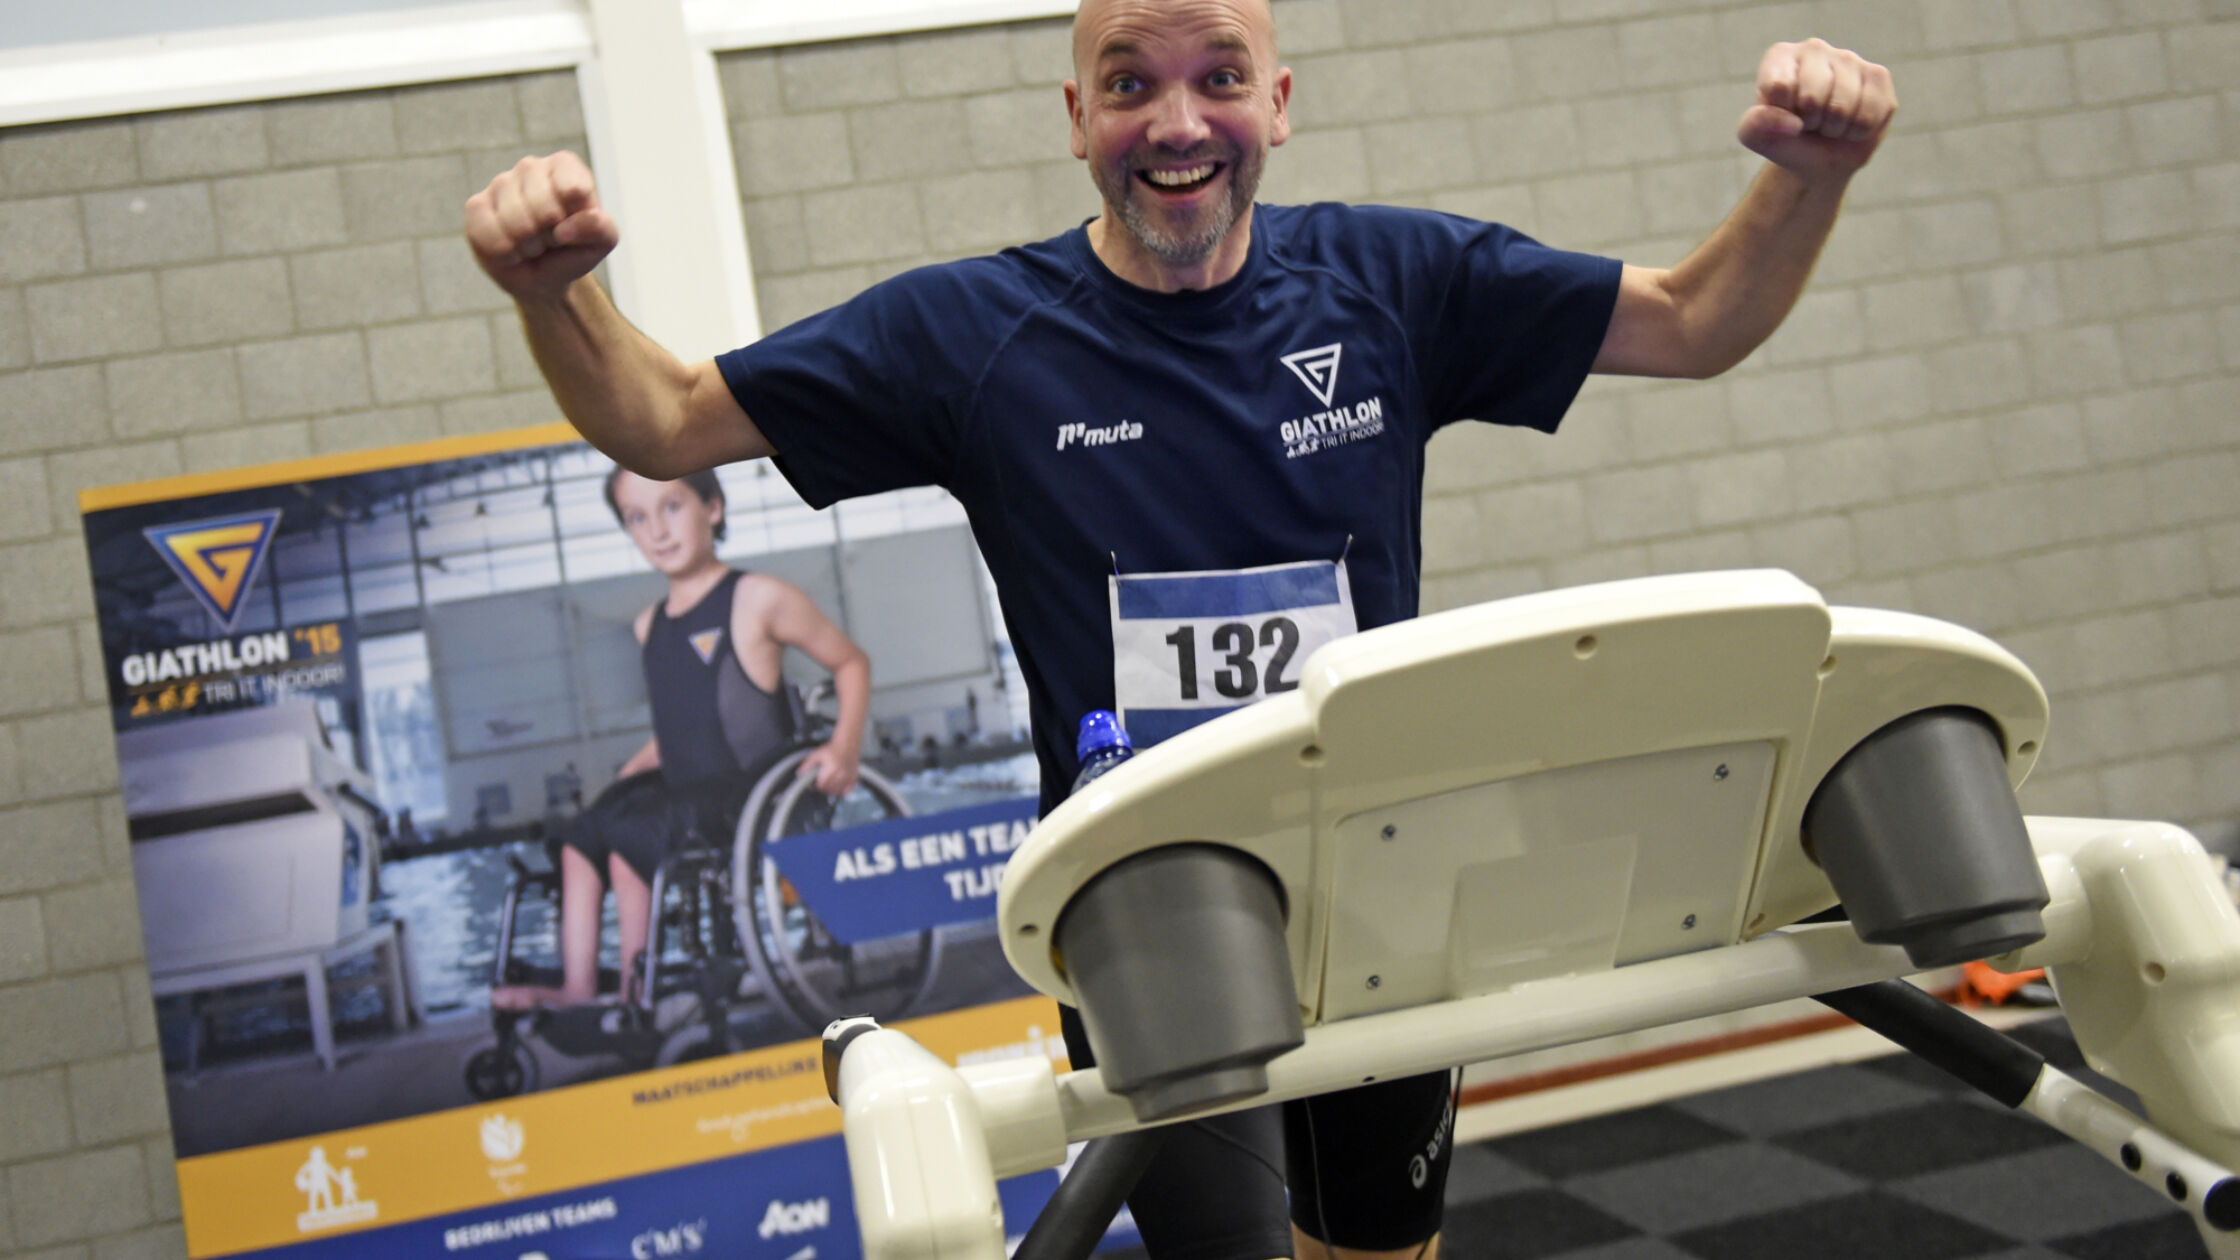 Doe mee aan de Giathlon en steun de gehandicaptensport